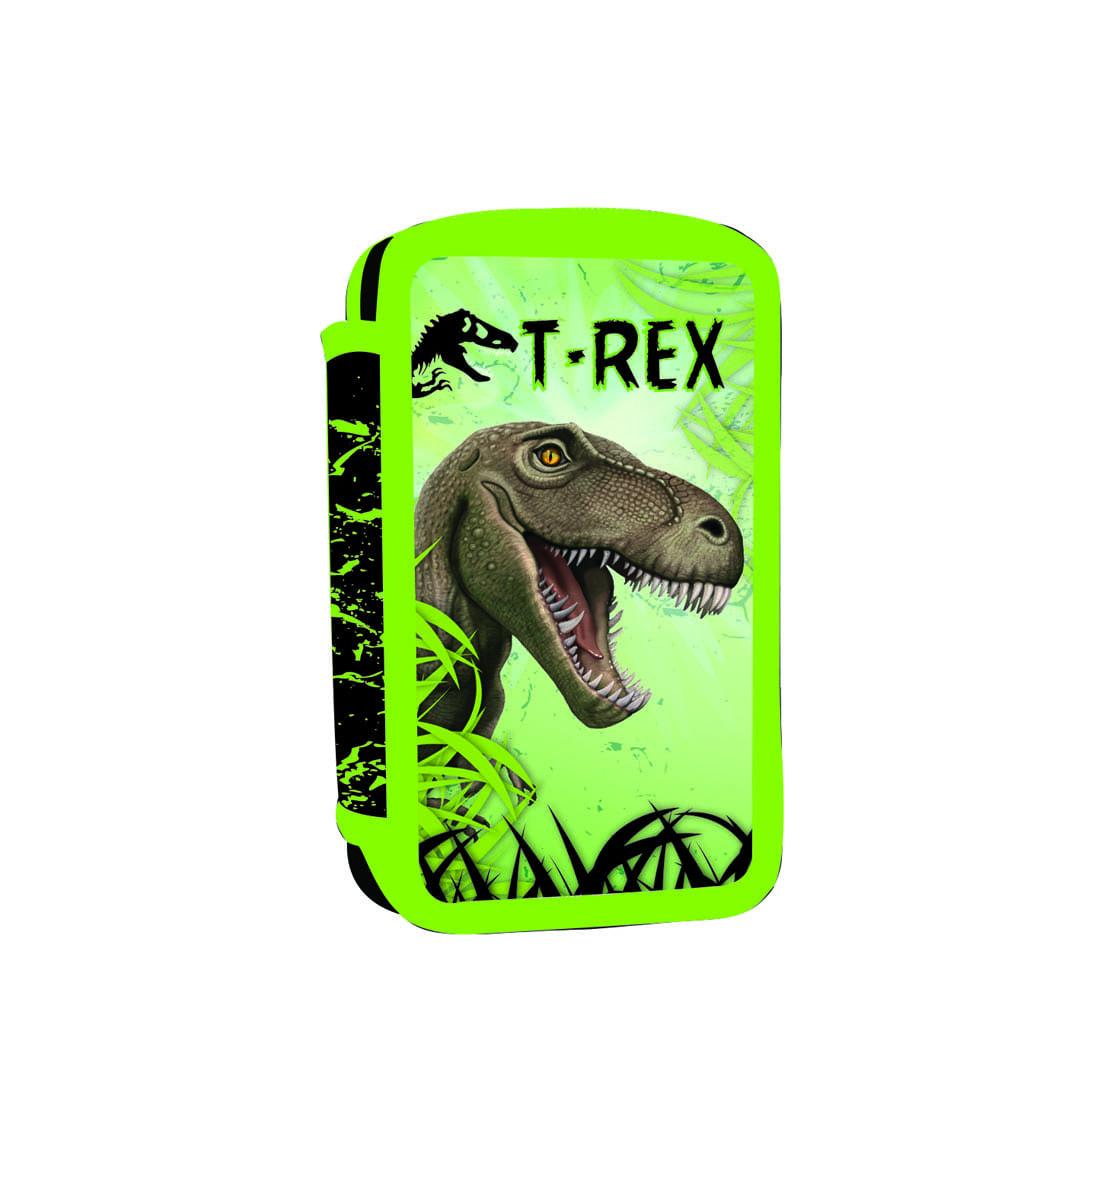 ... Školní potřeby · PENÁLY NENAPLNĚNÉ · Trojpatrové · Penál 3 p. prázdný  T-rex Bez licence · Image 49a25ae151